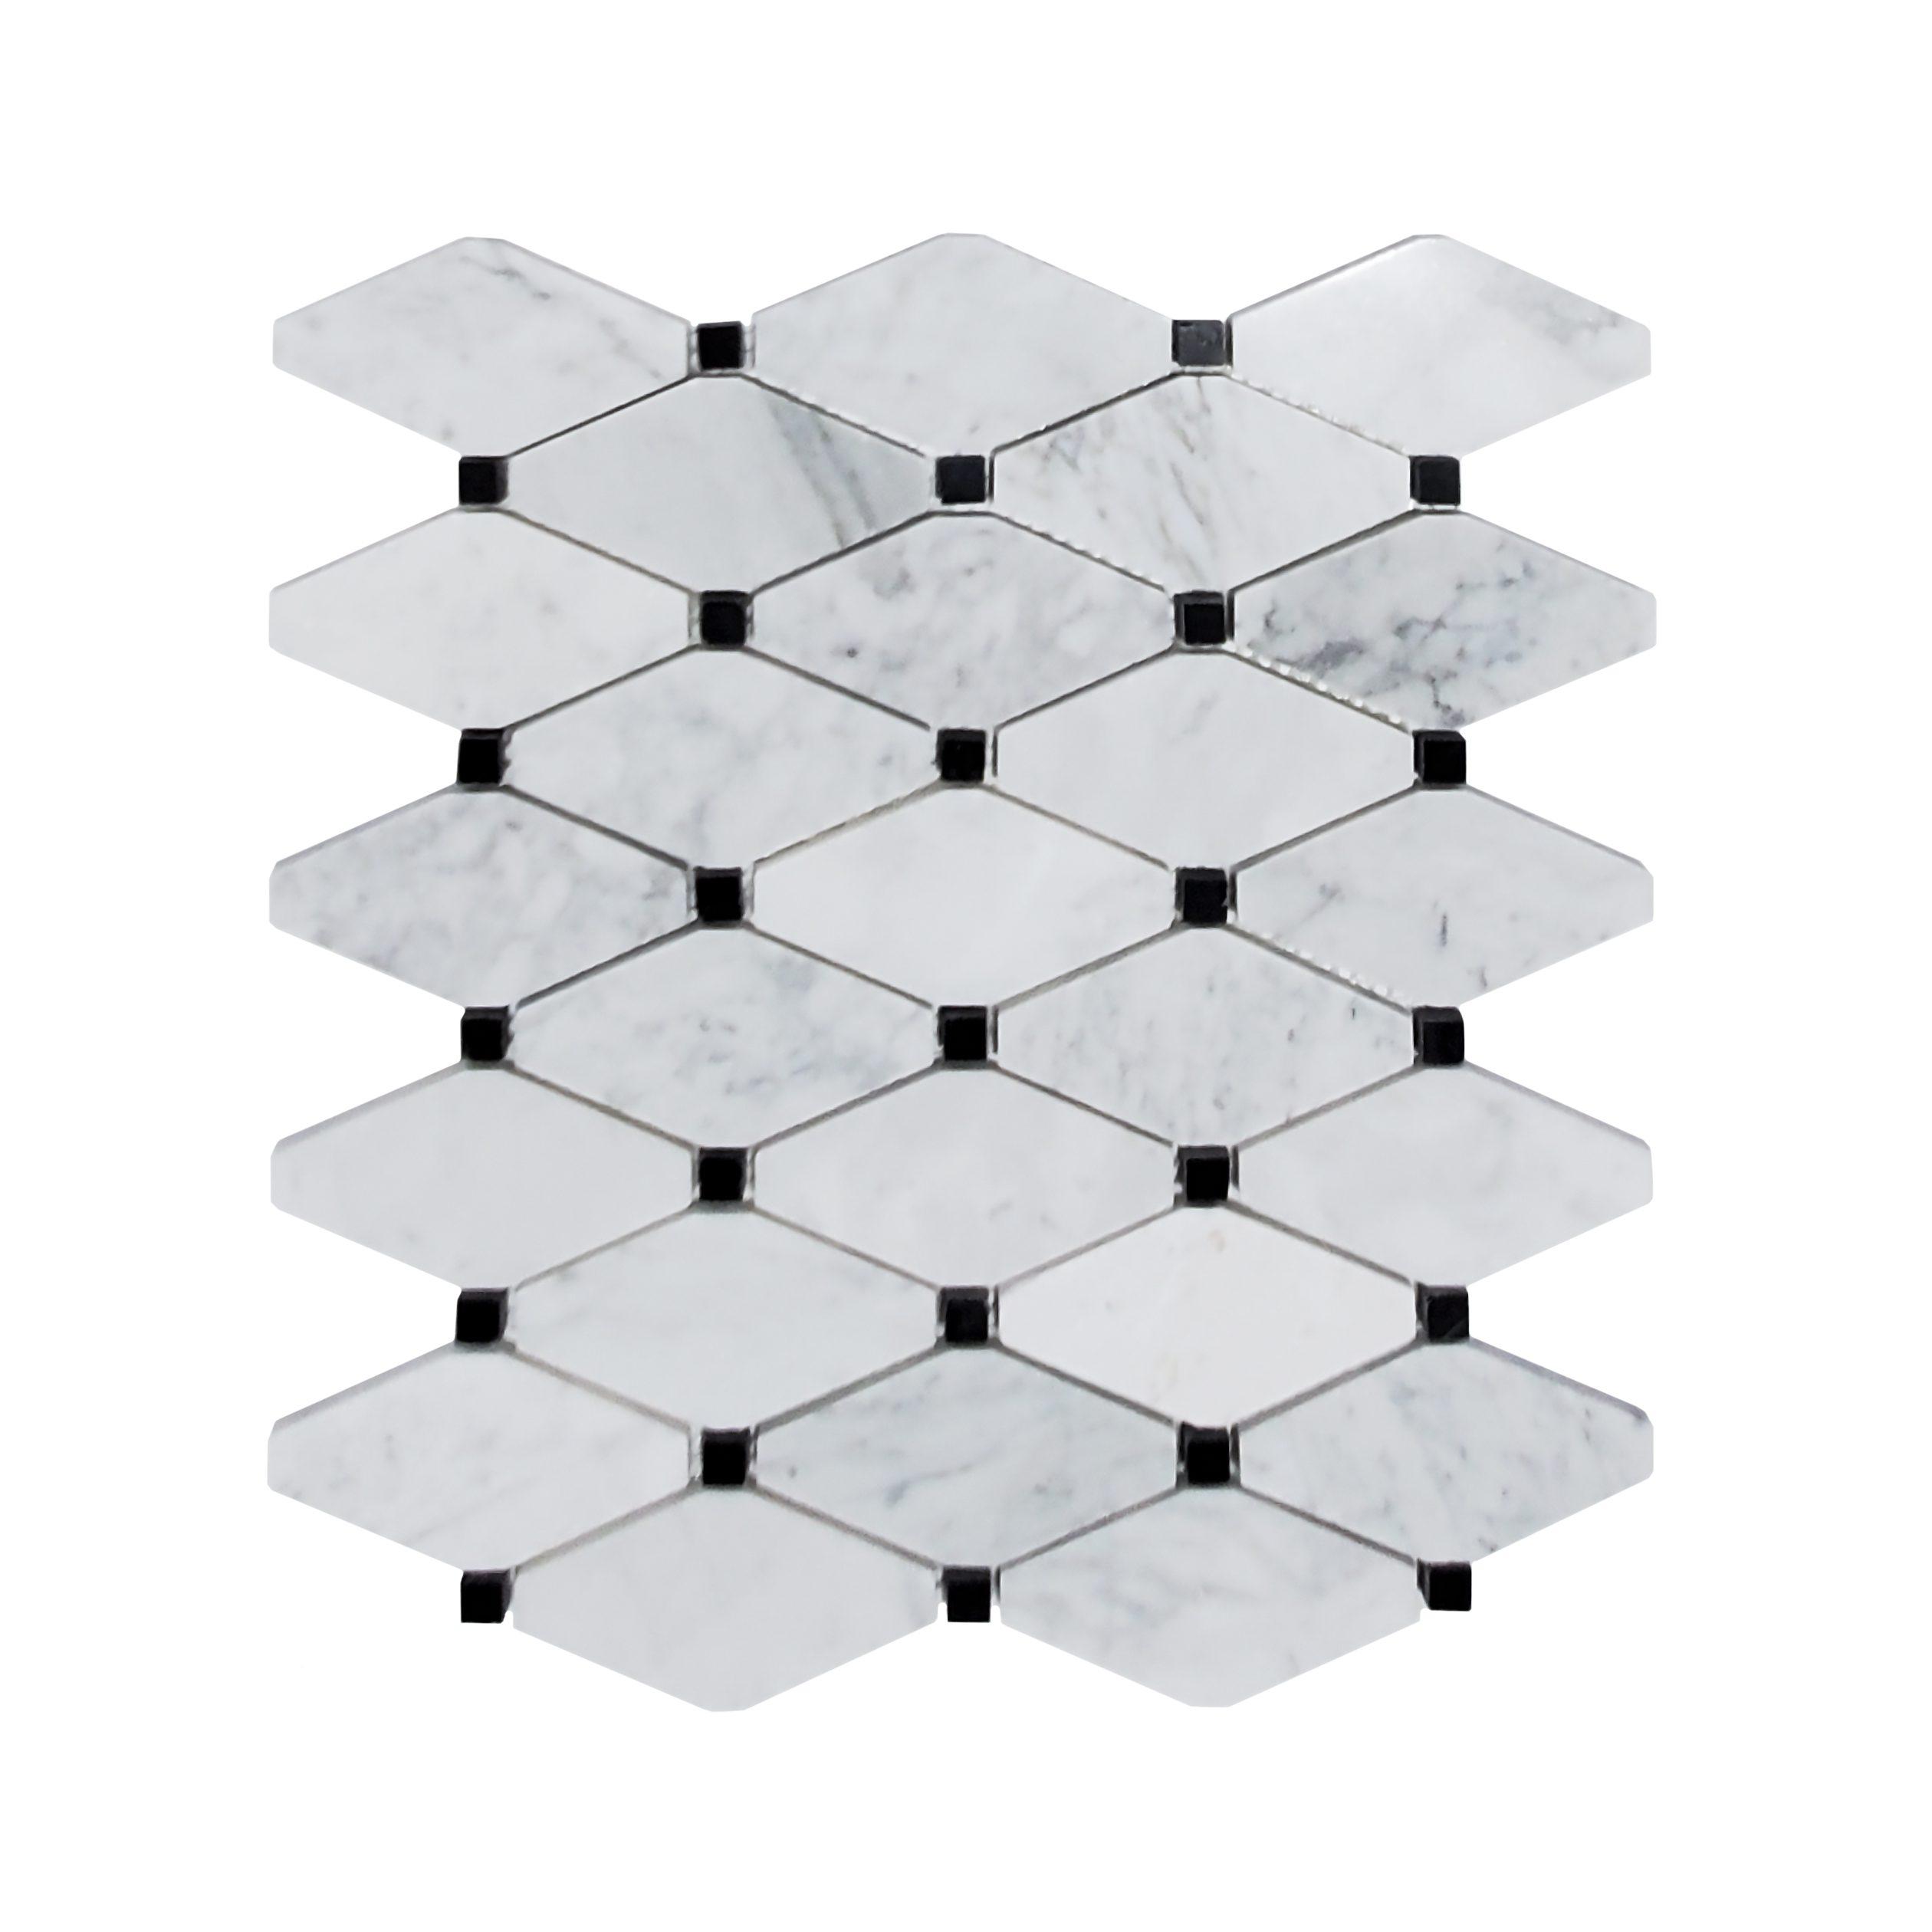 Clipped Diamond Mosaic_Carrara_20.39r_11.99